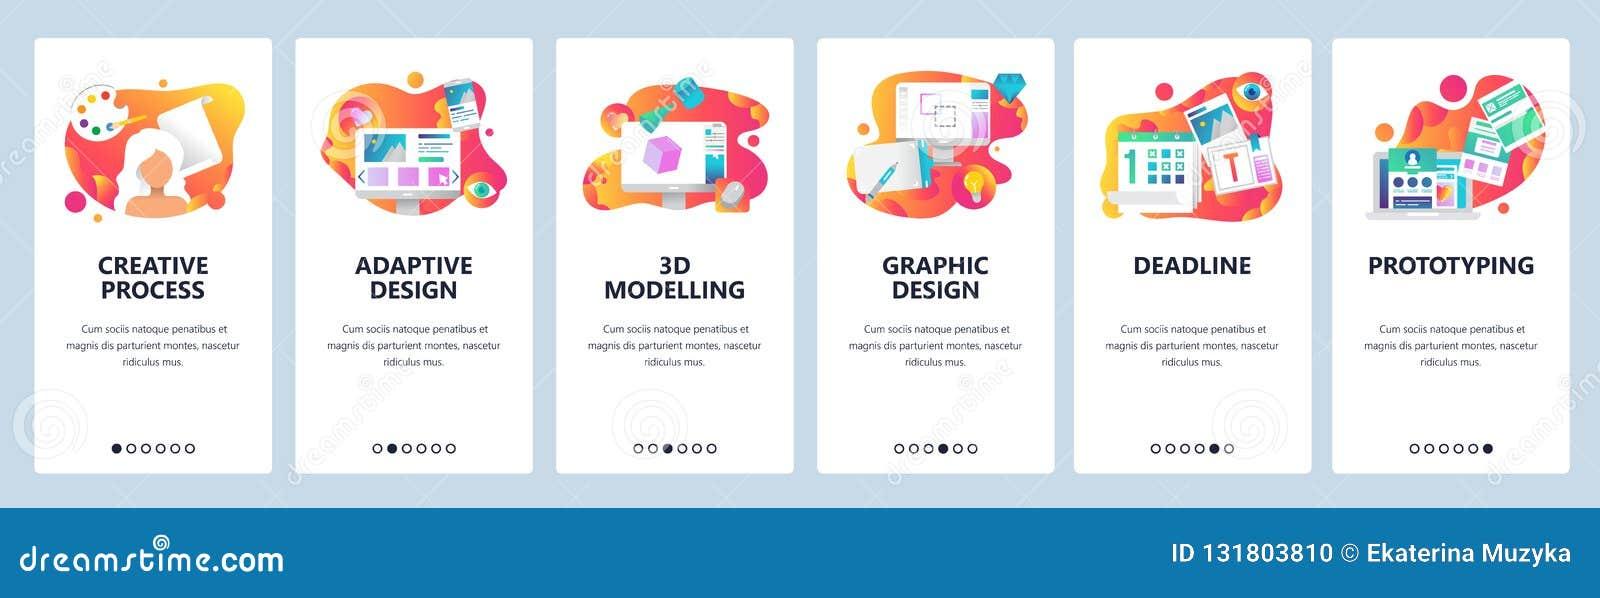 Schirm-Steigungsschablone der Vektorwebsite onboarding Grafikdesign, Erstausführung, kreativer Künstler und Modellieren 3d